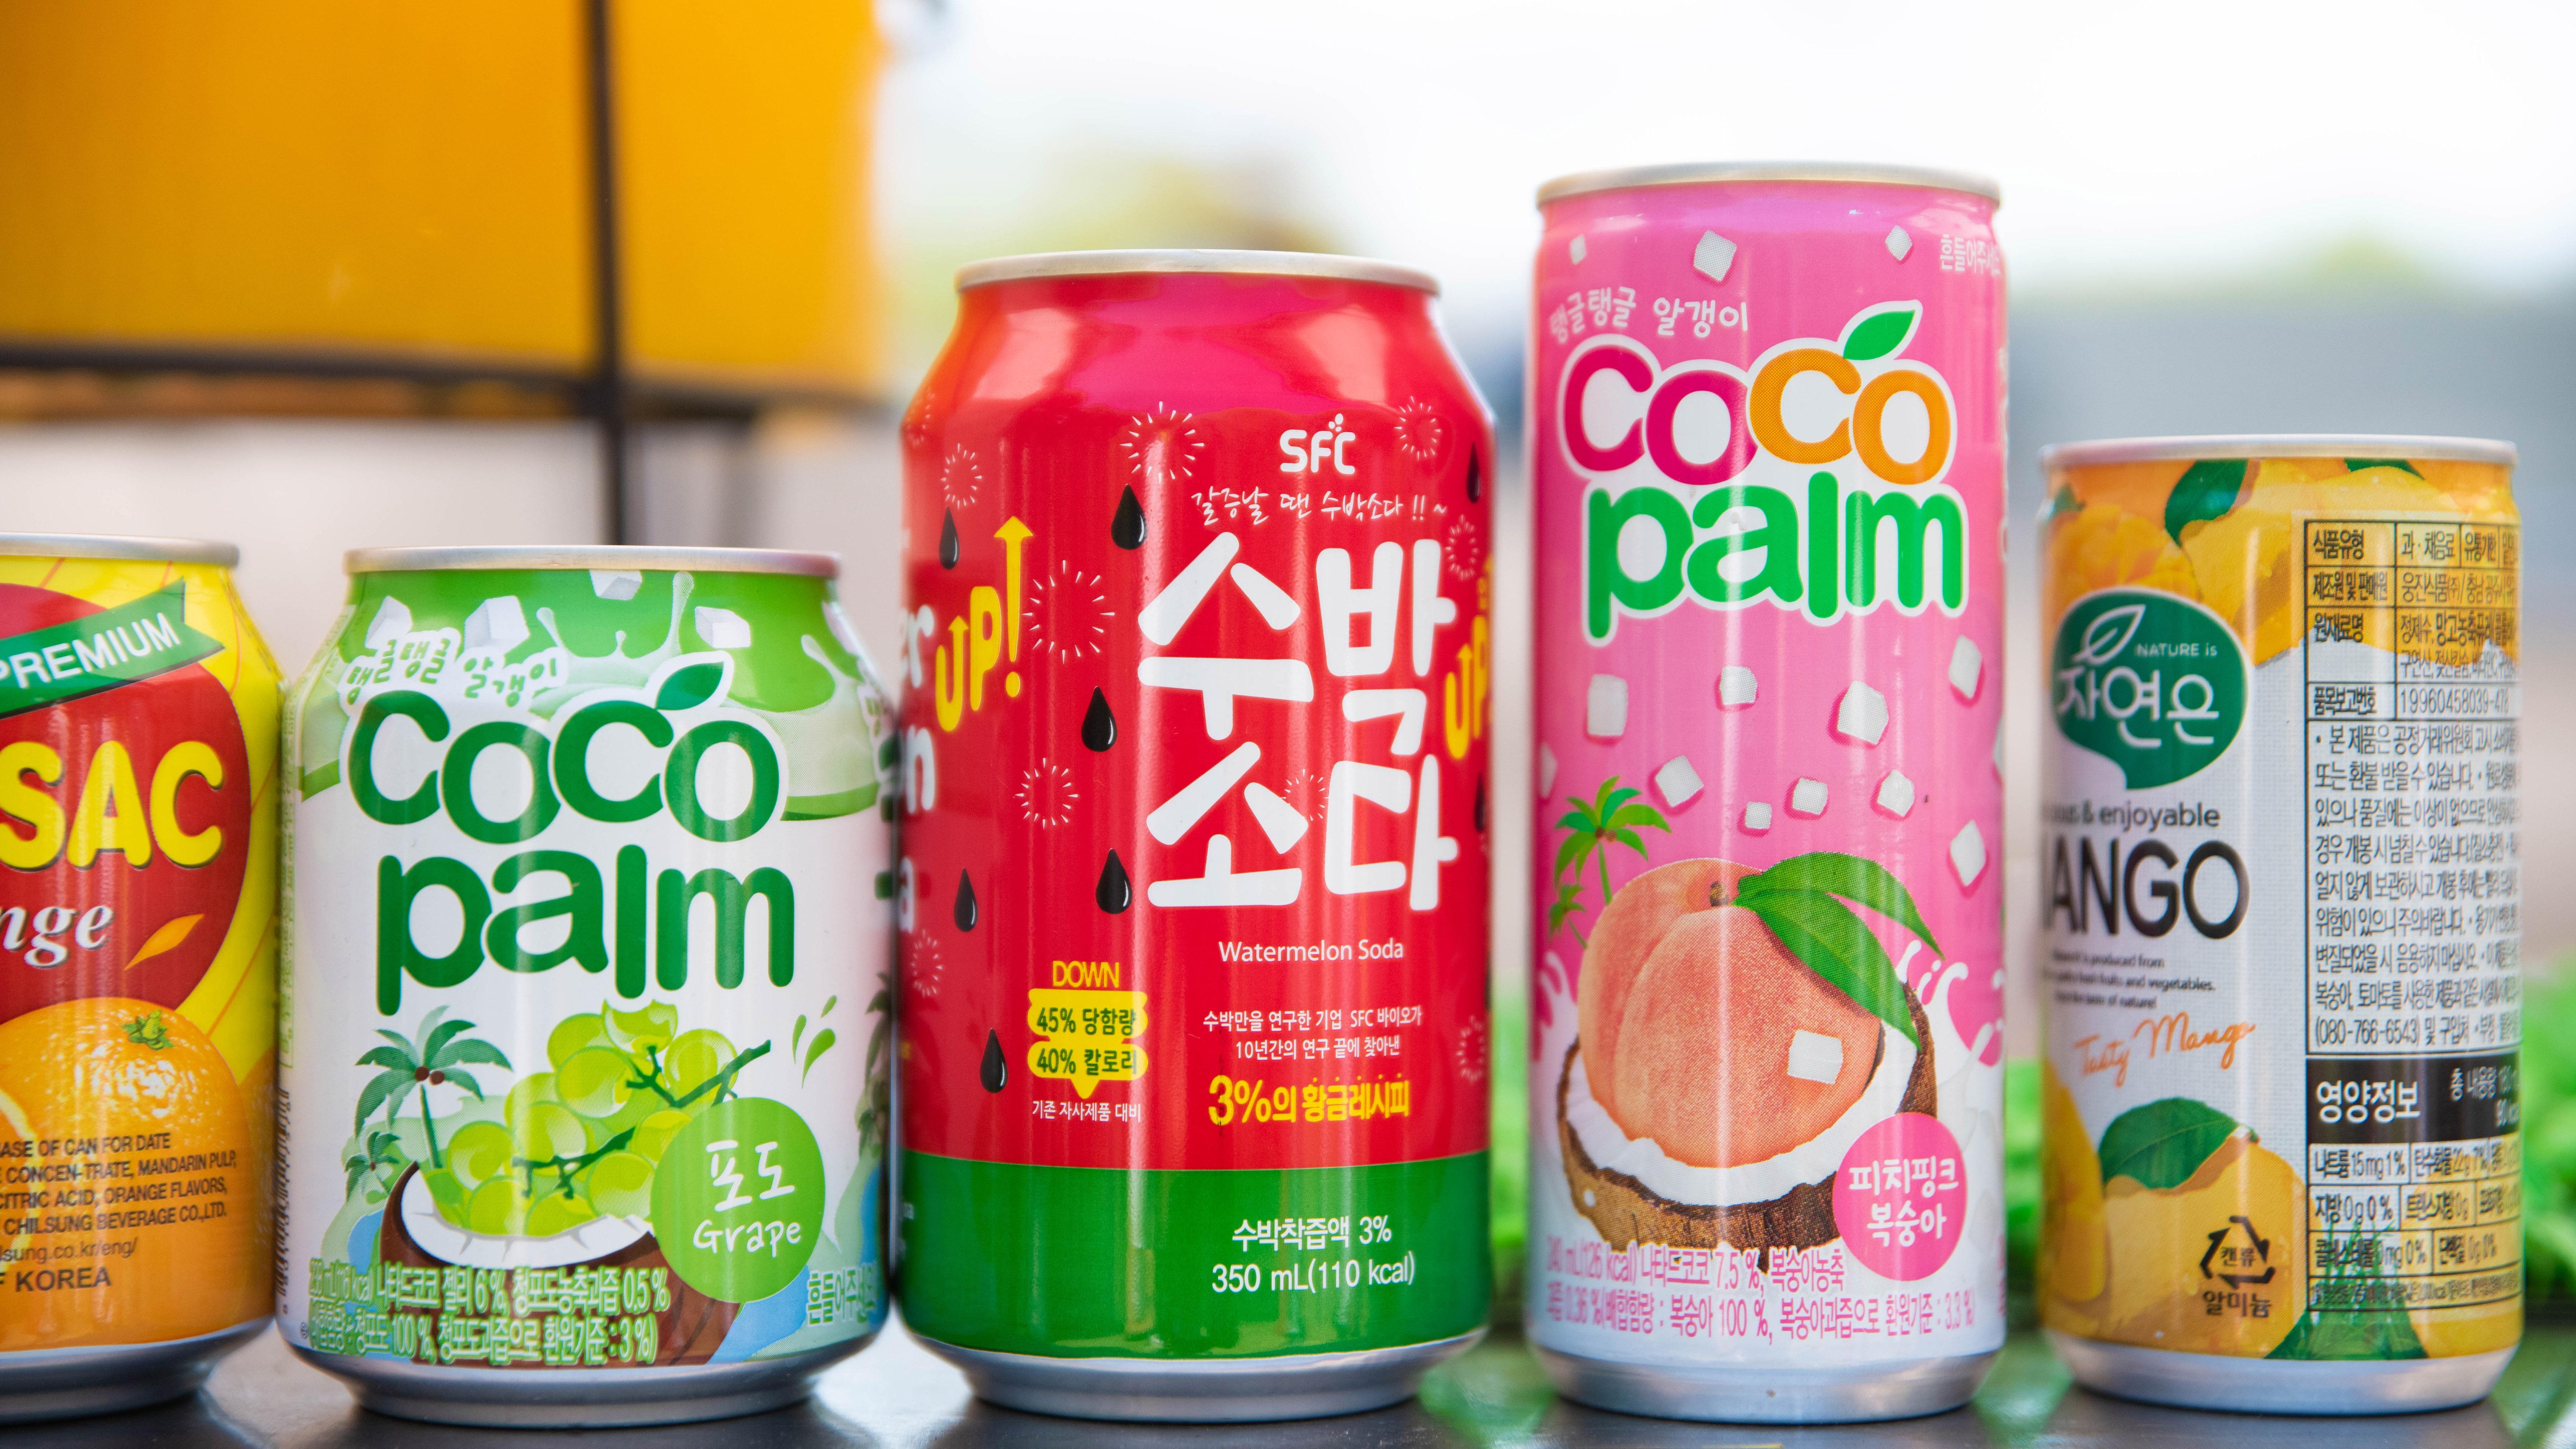 También se podían conseguir bebidas populares en China y Taiwan.